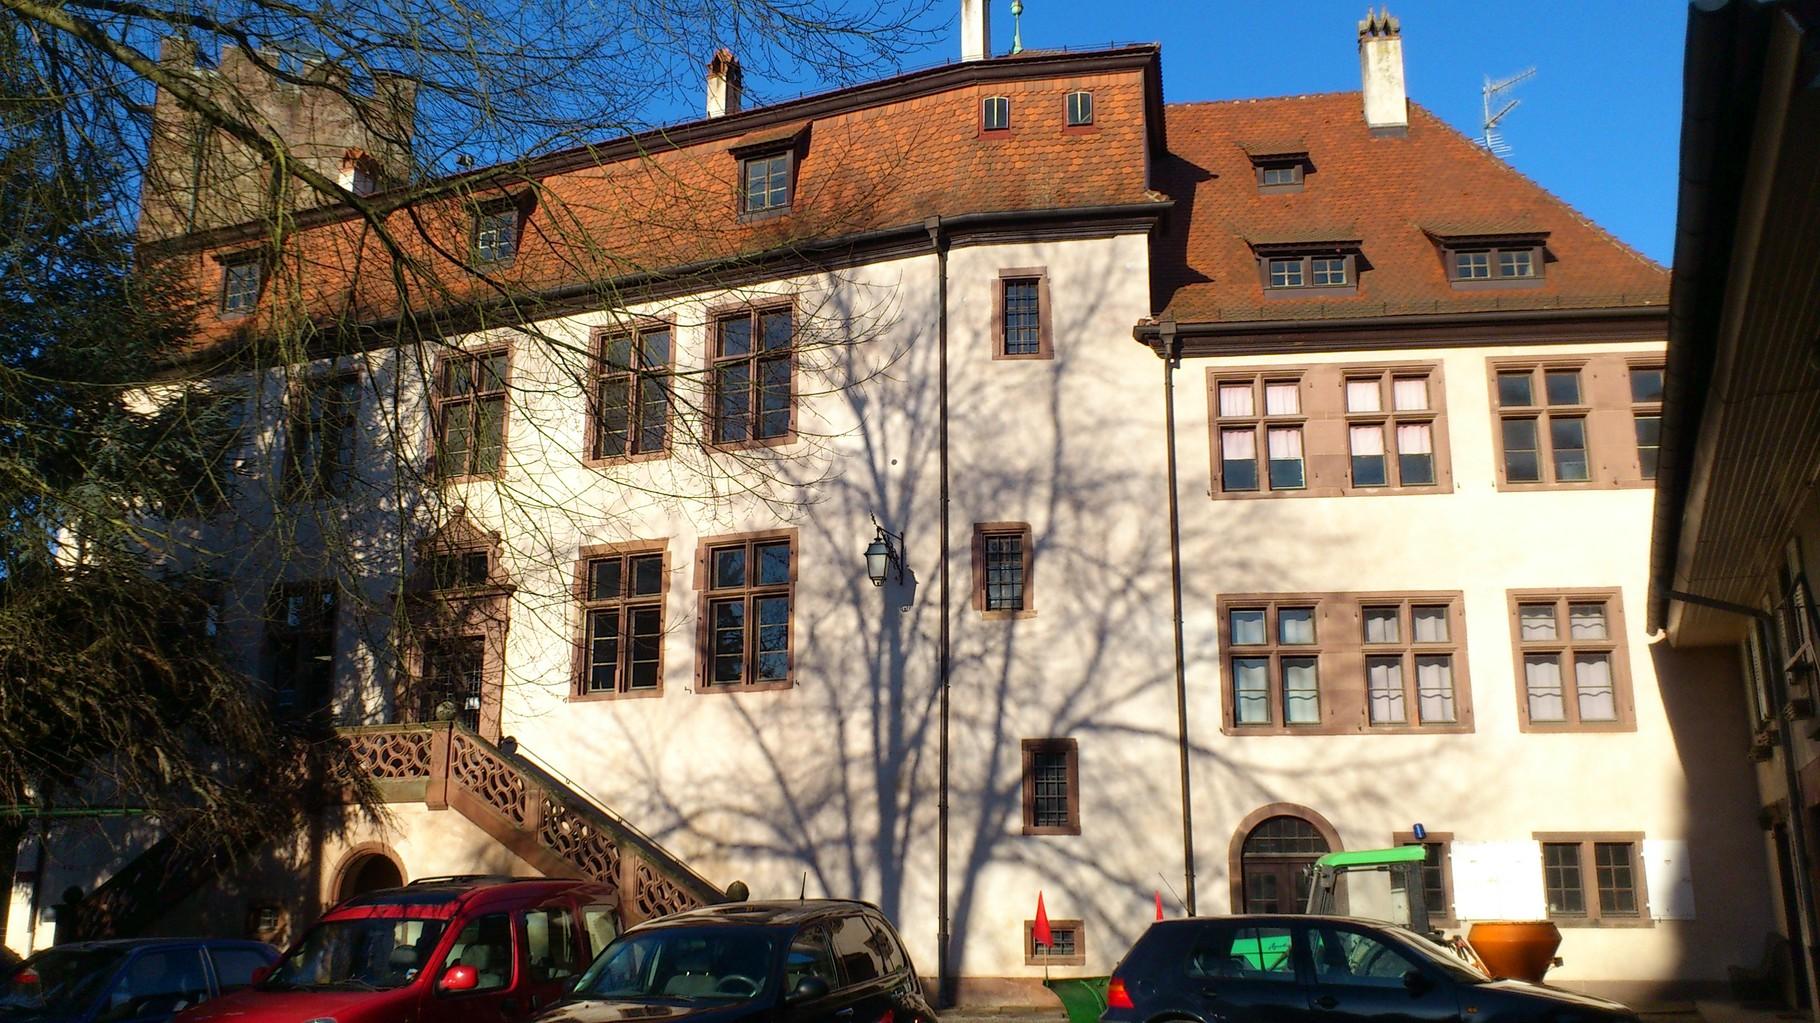 Mairie- Château - Musée de Wœrth